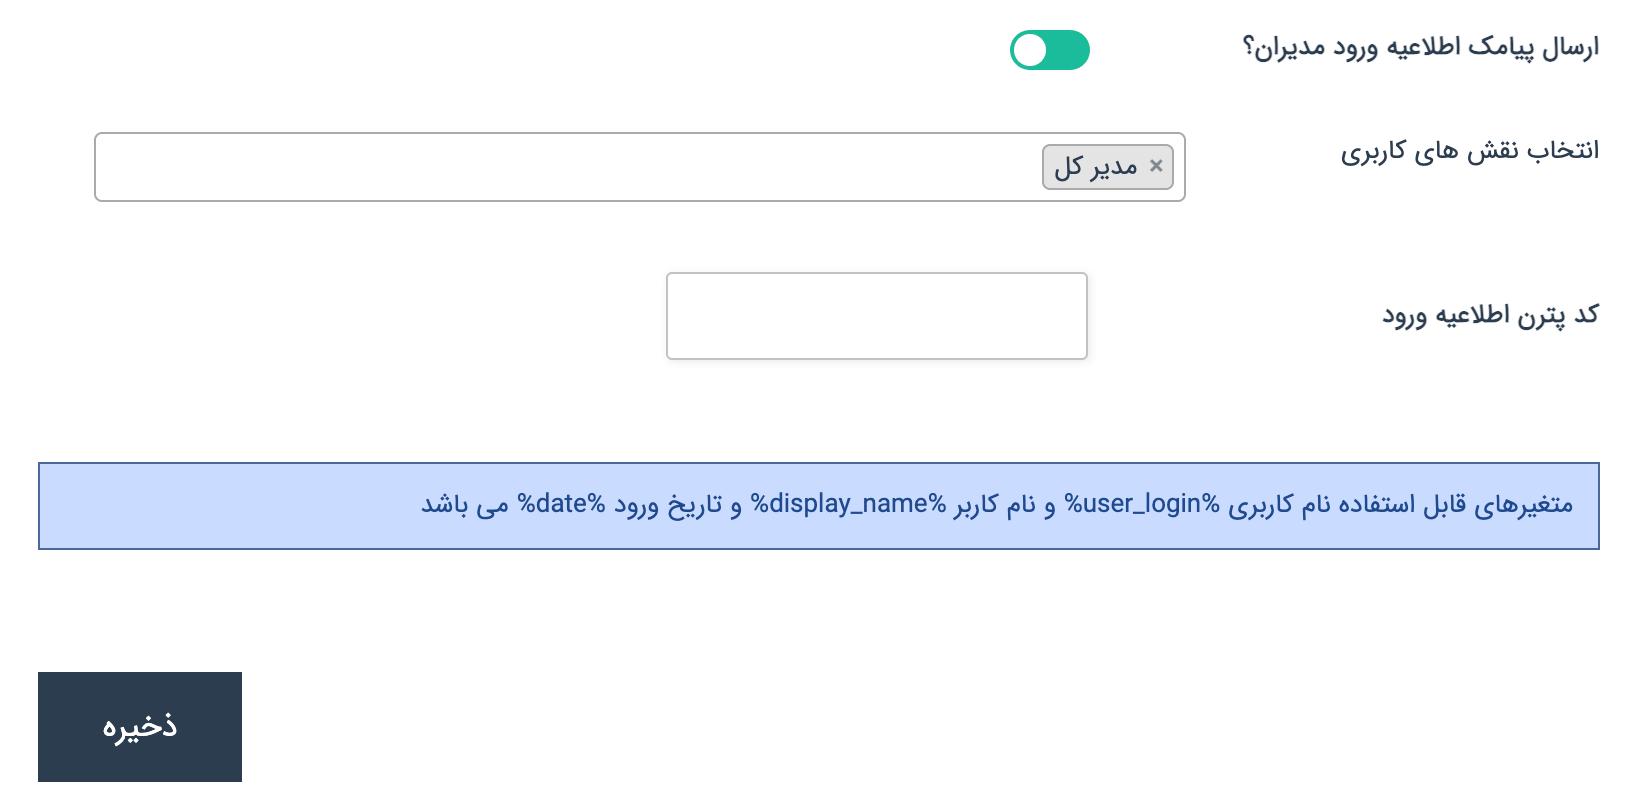 ارسال پیامک اطلاع رسانی به مدیر سایت در صورت ورود به پنل کاربری